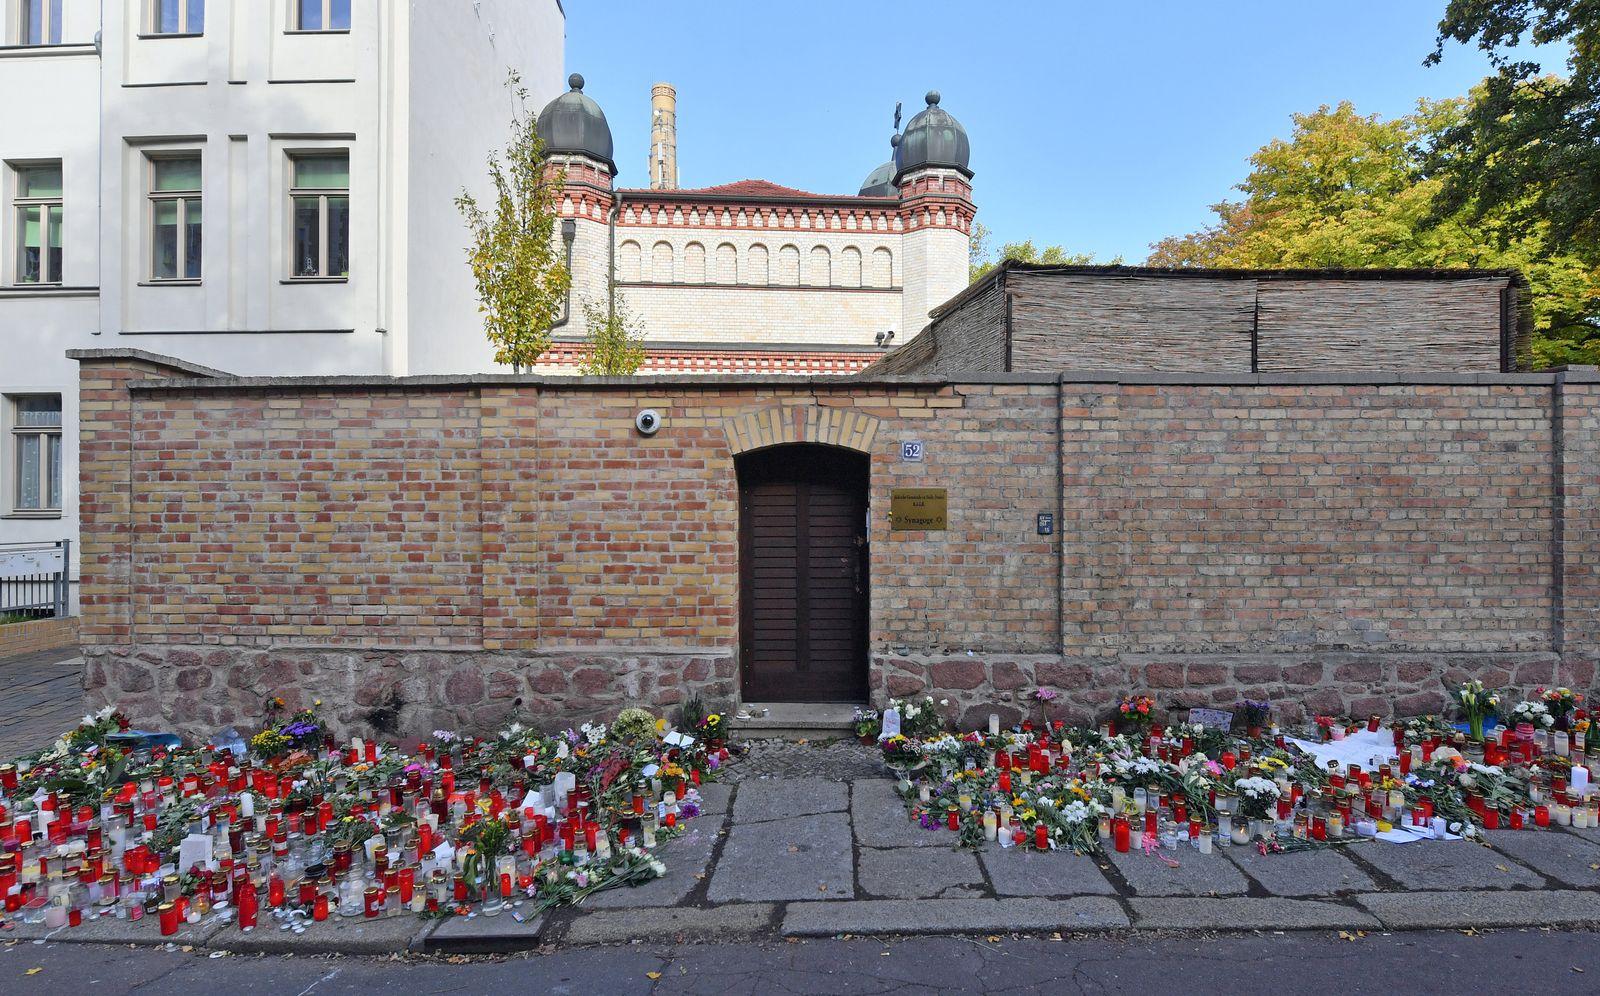 Deborah Lipstadt - Terror in Halle